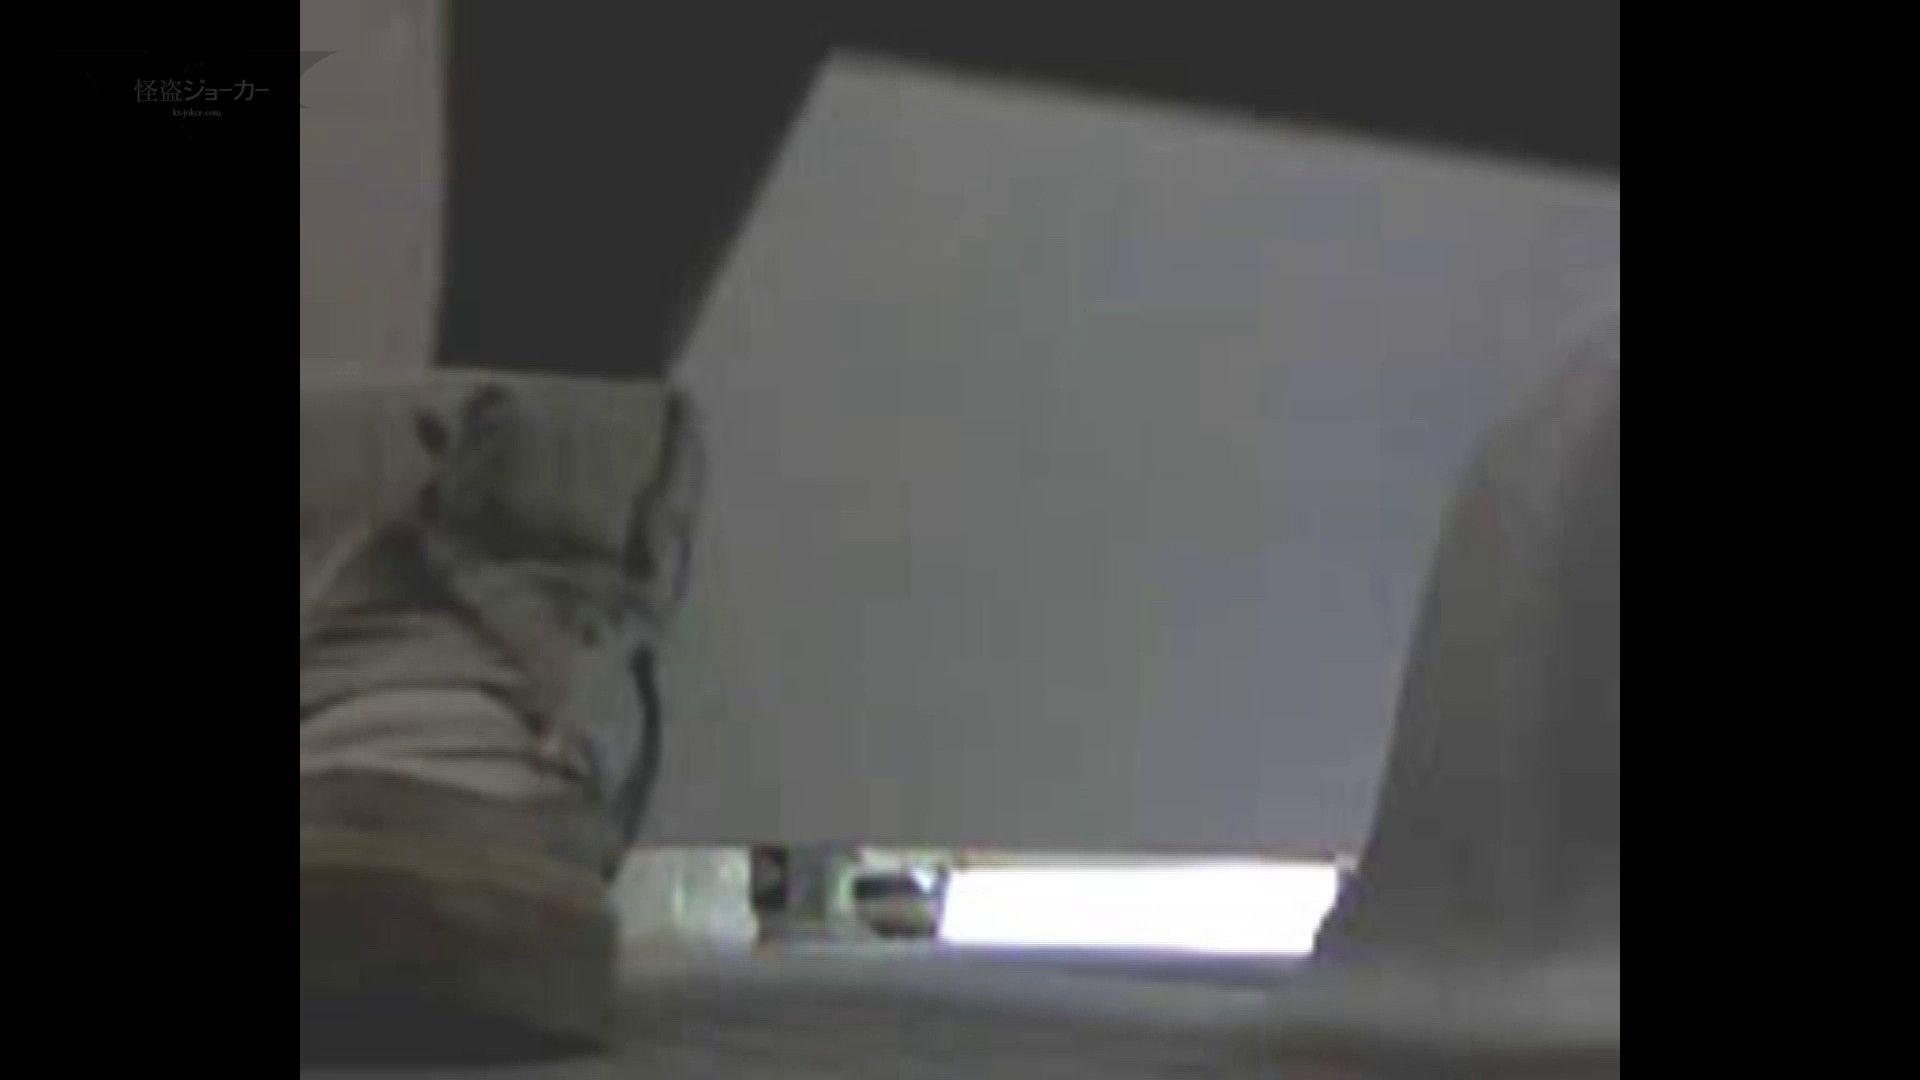 無修正ヌード|化粧室絵巻 番外編編 VOL.01 銀河さん庫出し映像!!映像が・・・。|怪盗ジョーカー